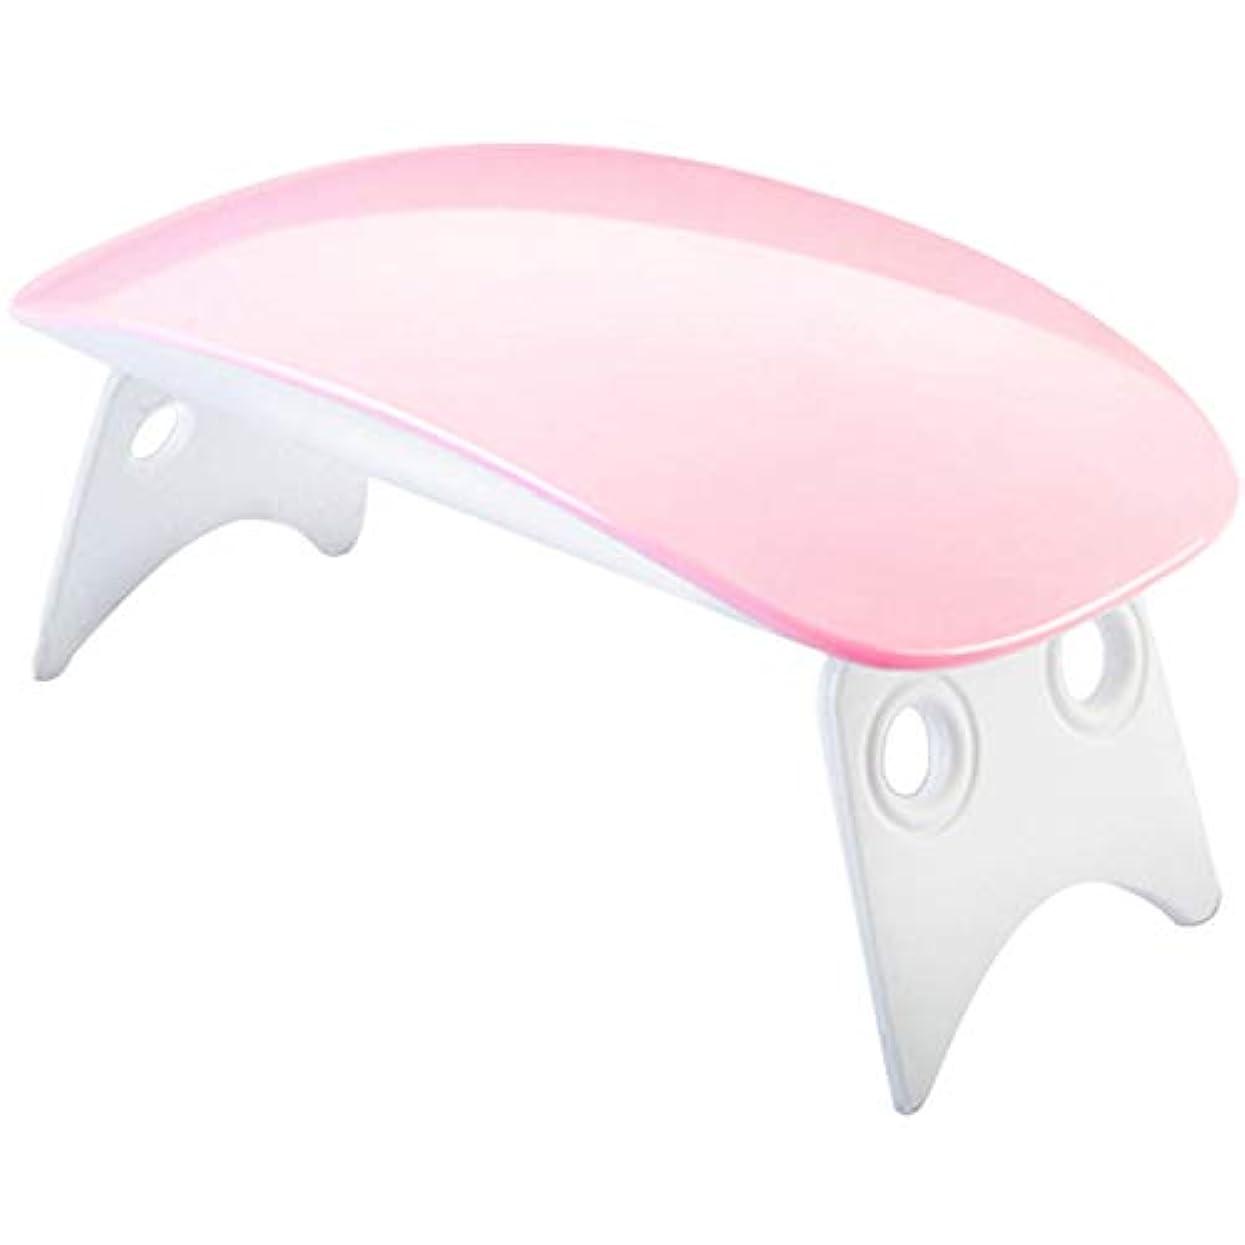 なにアイドル満員USBケーブル付きミニポータブル LEDネイルドライヤー ギフト用、家庭用および旅行用のマニキュアジェルドライヤー(01)